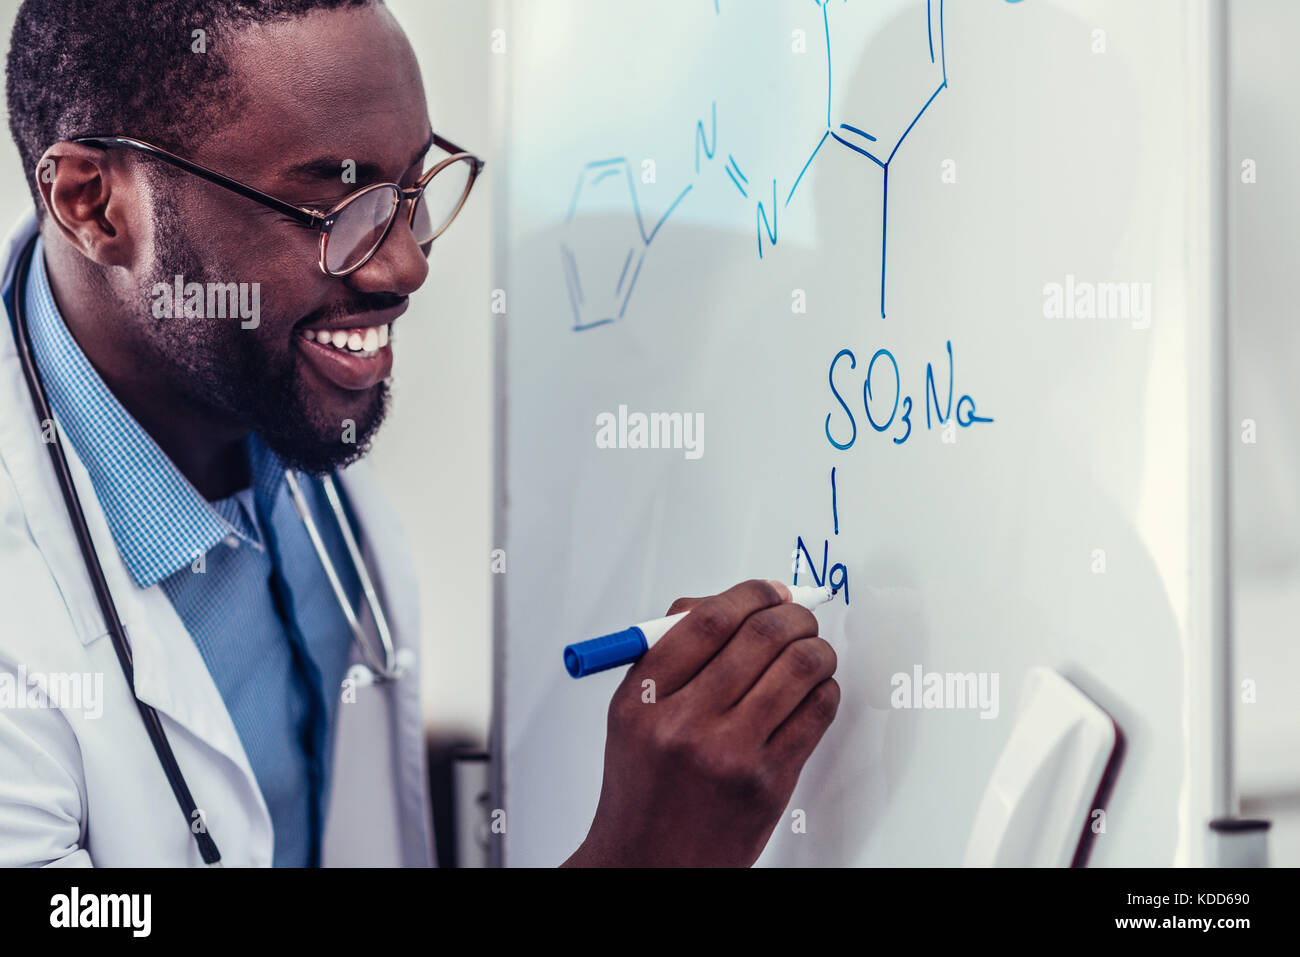 Heureux african american medical worker dessin dessin chimique Banque D'Images